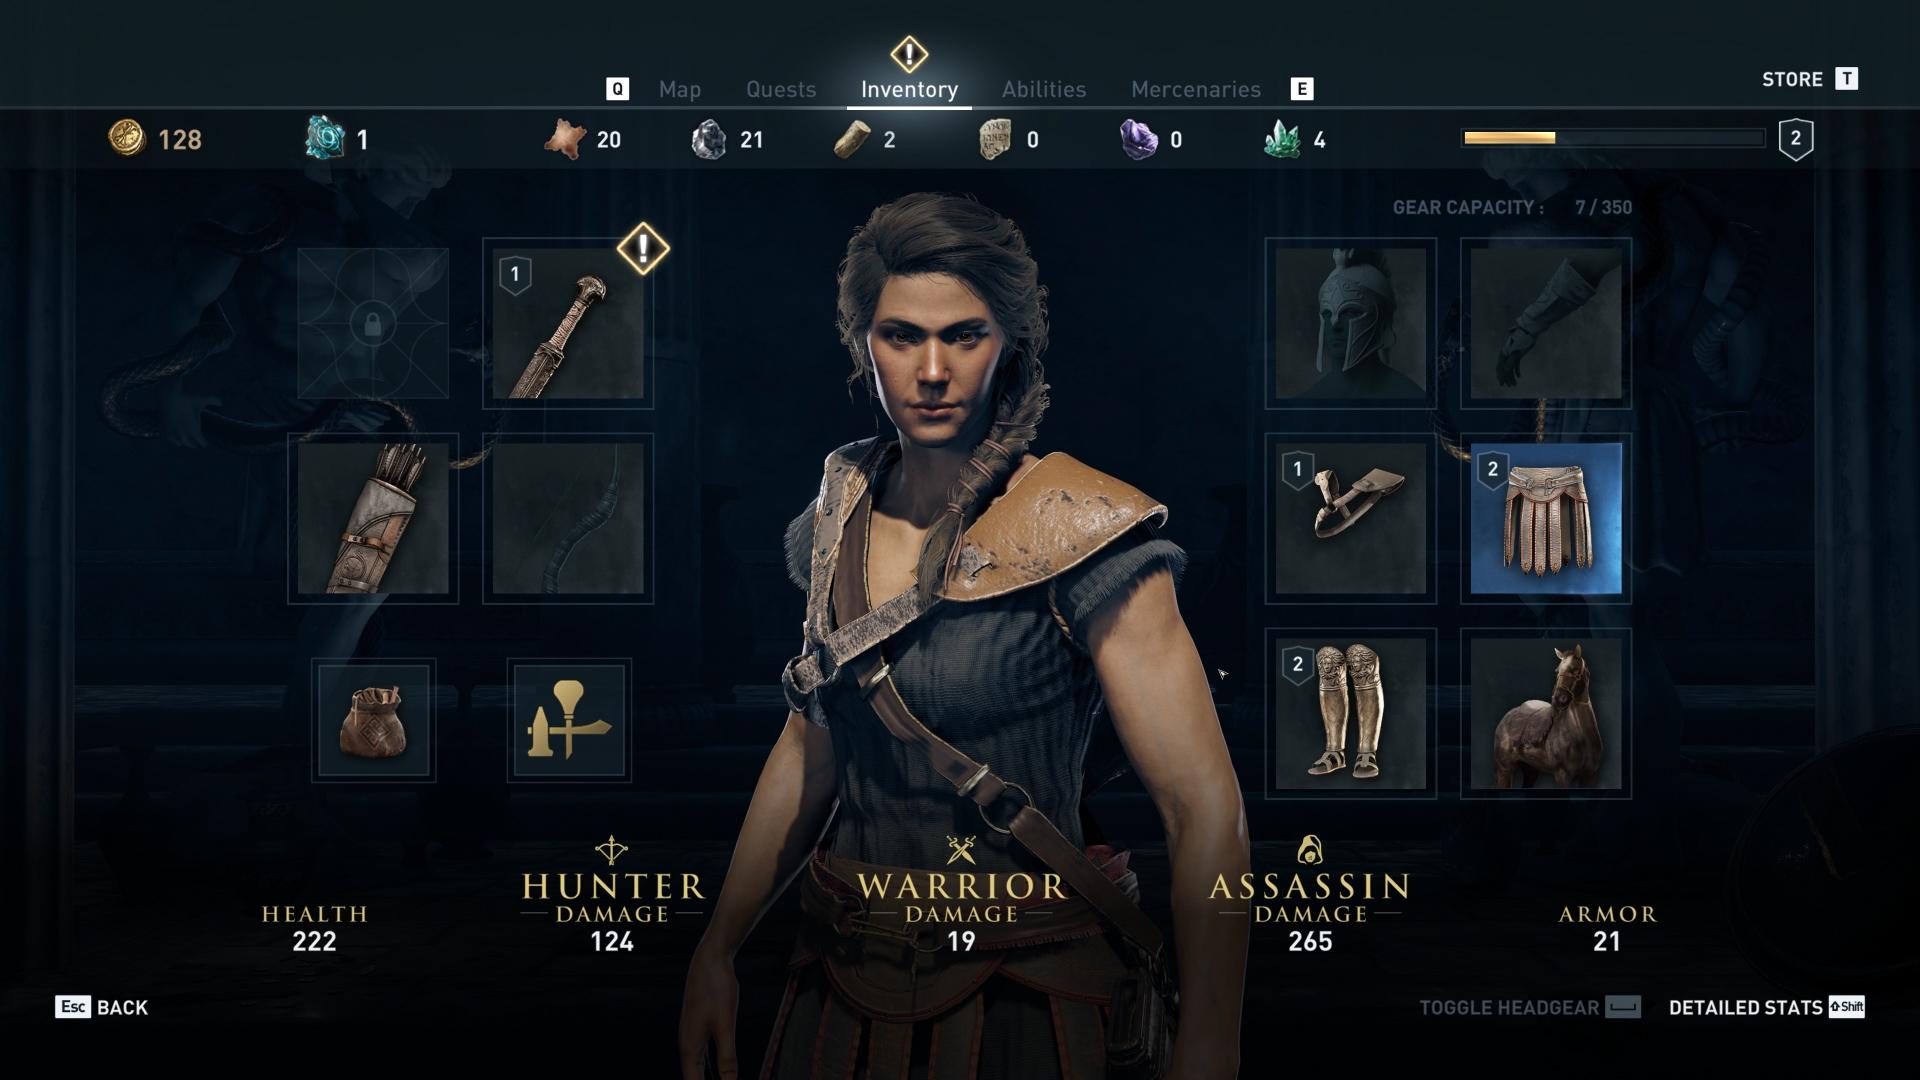 Assassin's Creed  Odyssey 2018.11.27 - 19.17.03.01.01_16_23_17.Still029.jpg